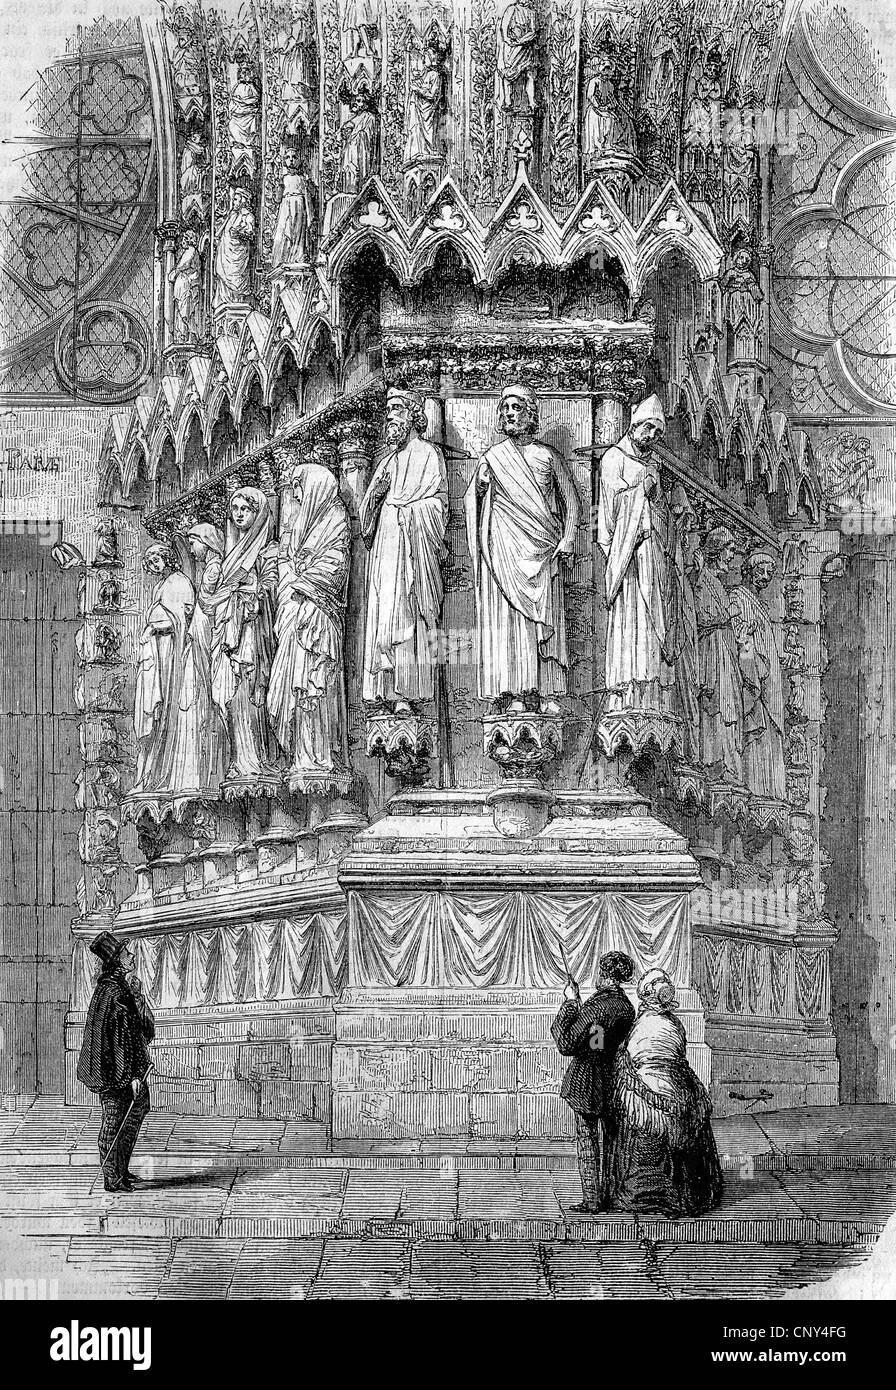 Portail de la cathédrale de Reims, France, historique de la gravure sur bois, vers 1888 Photo Stock